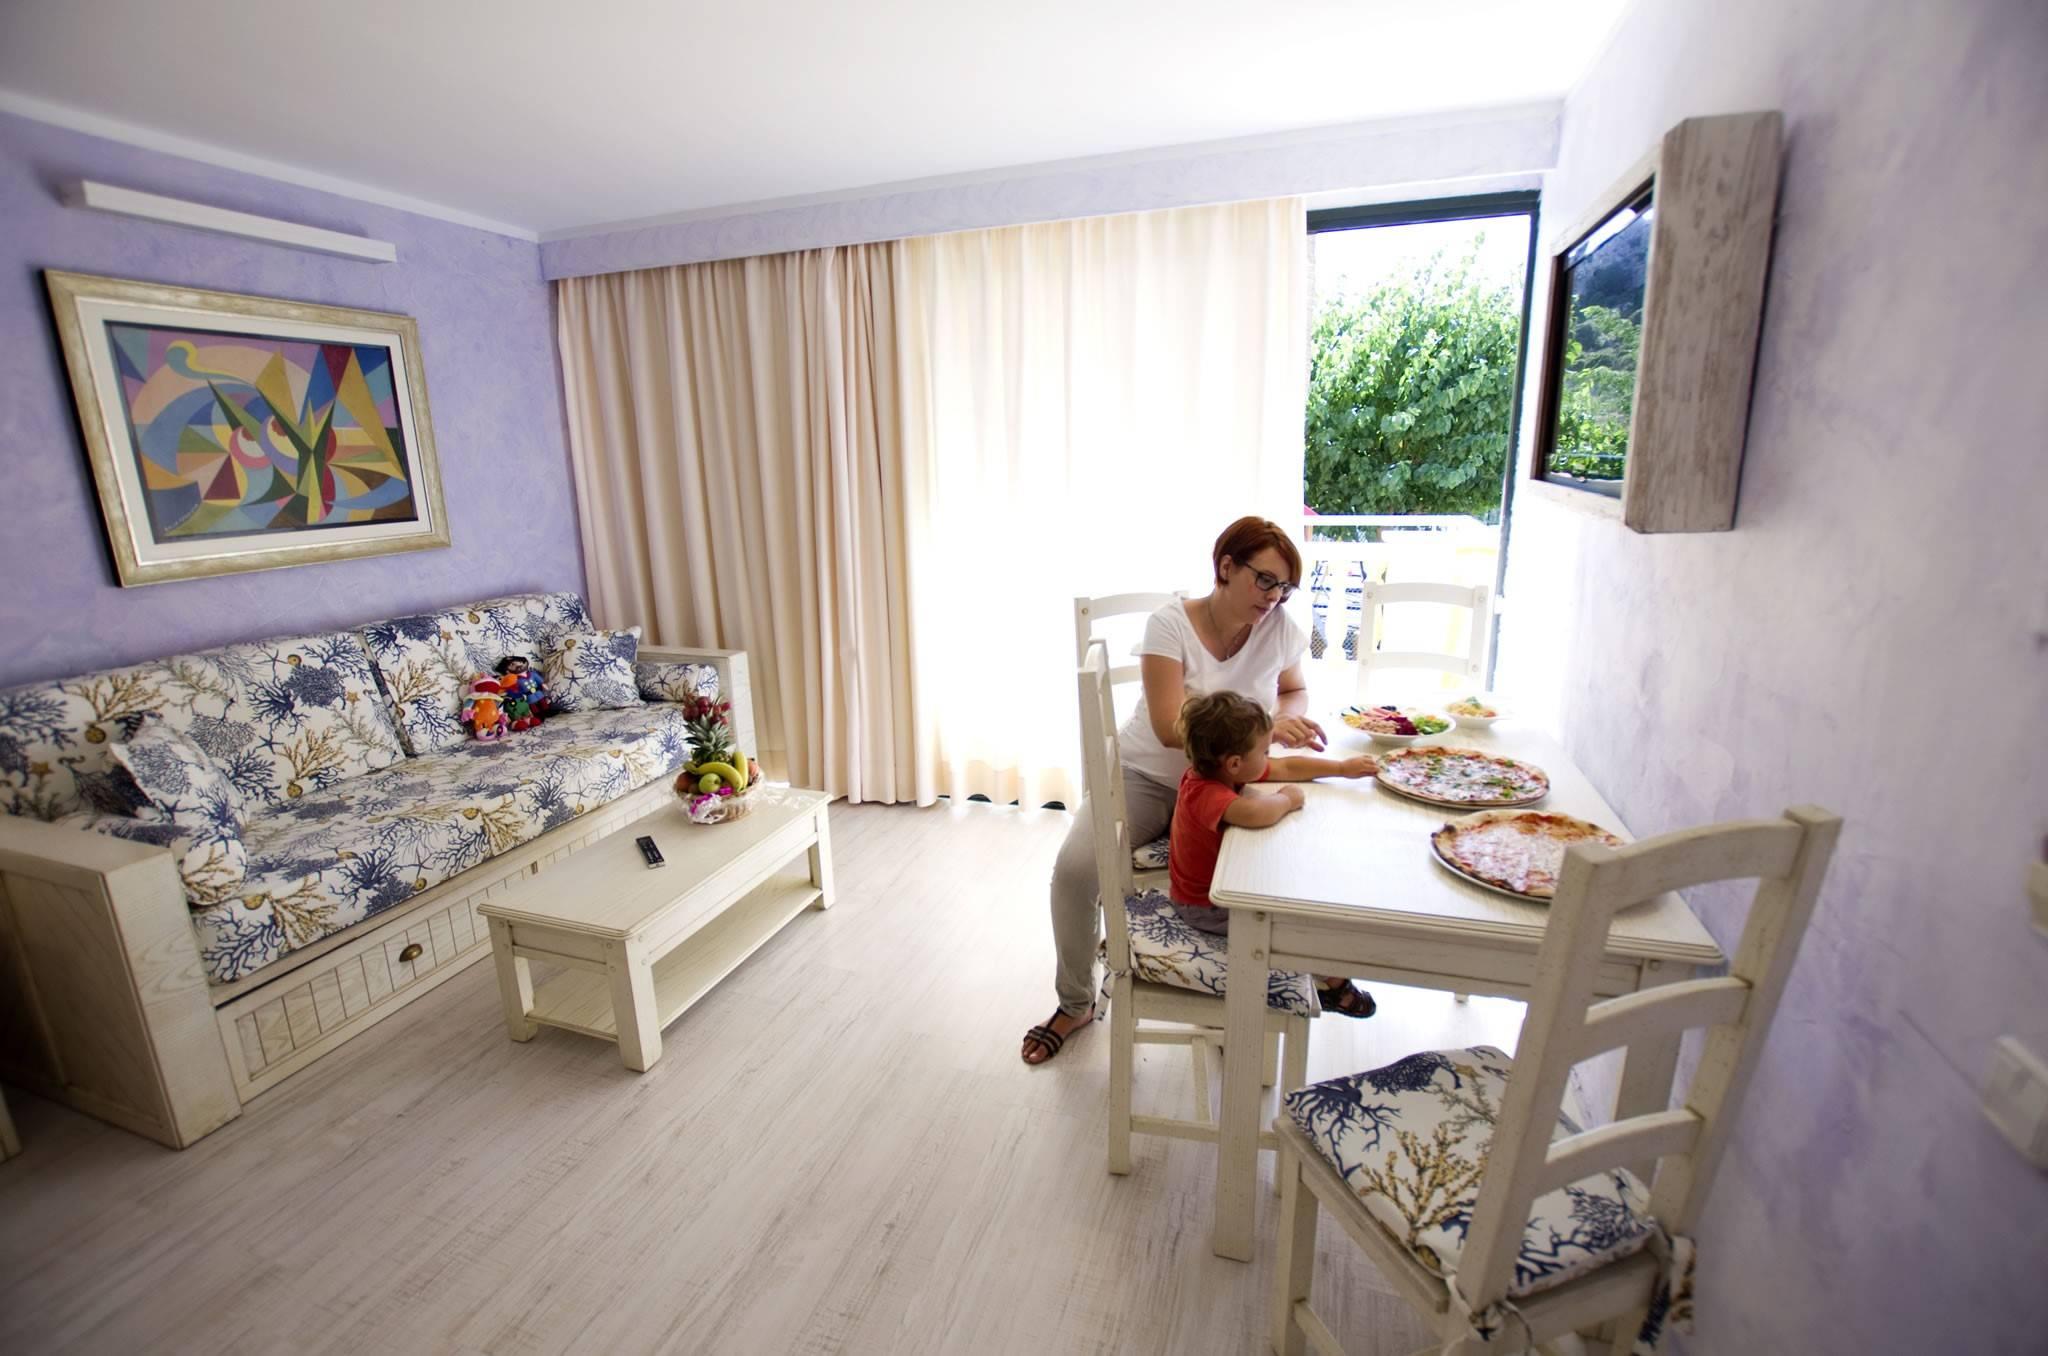 Apartamento 2 dormitorios familiar viajar en familia a for Habitaciones para familias